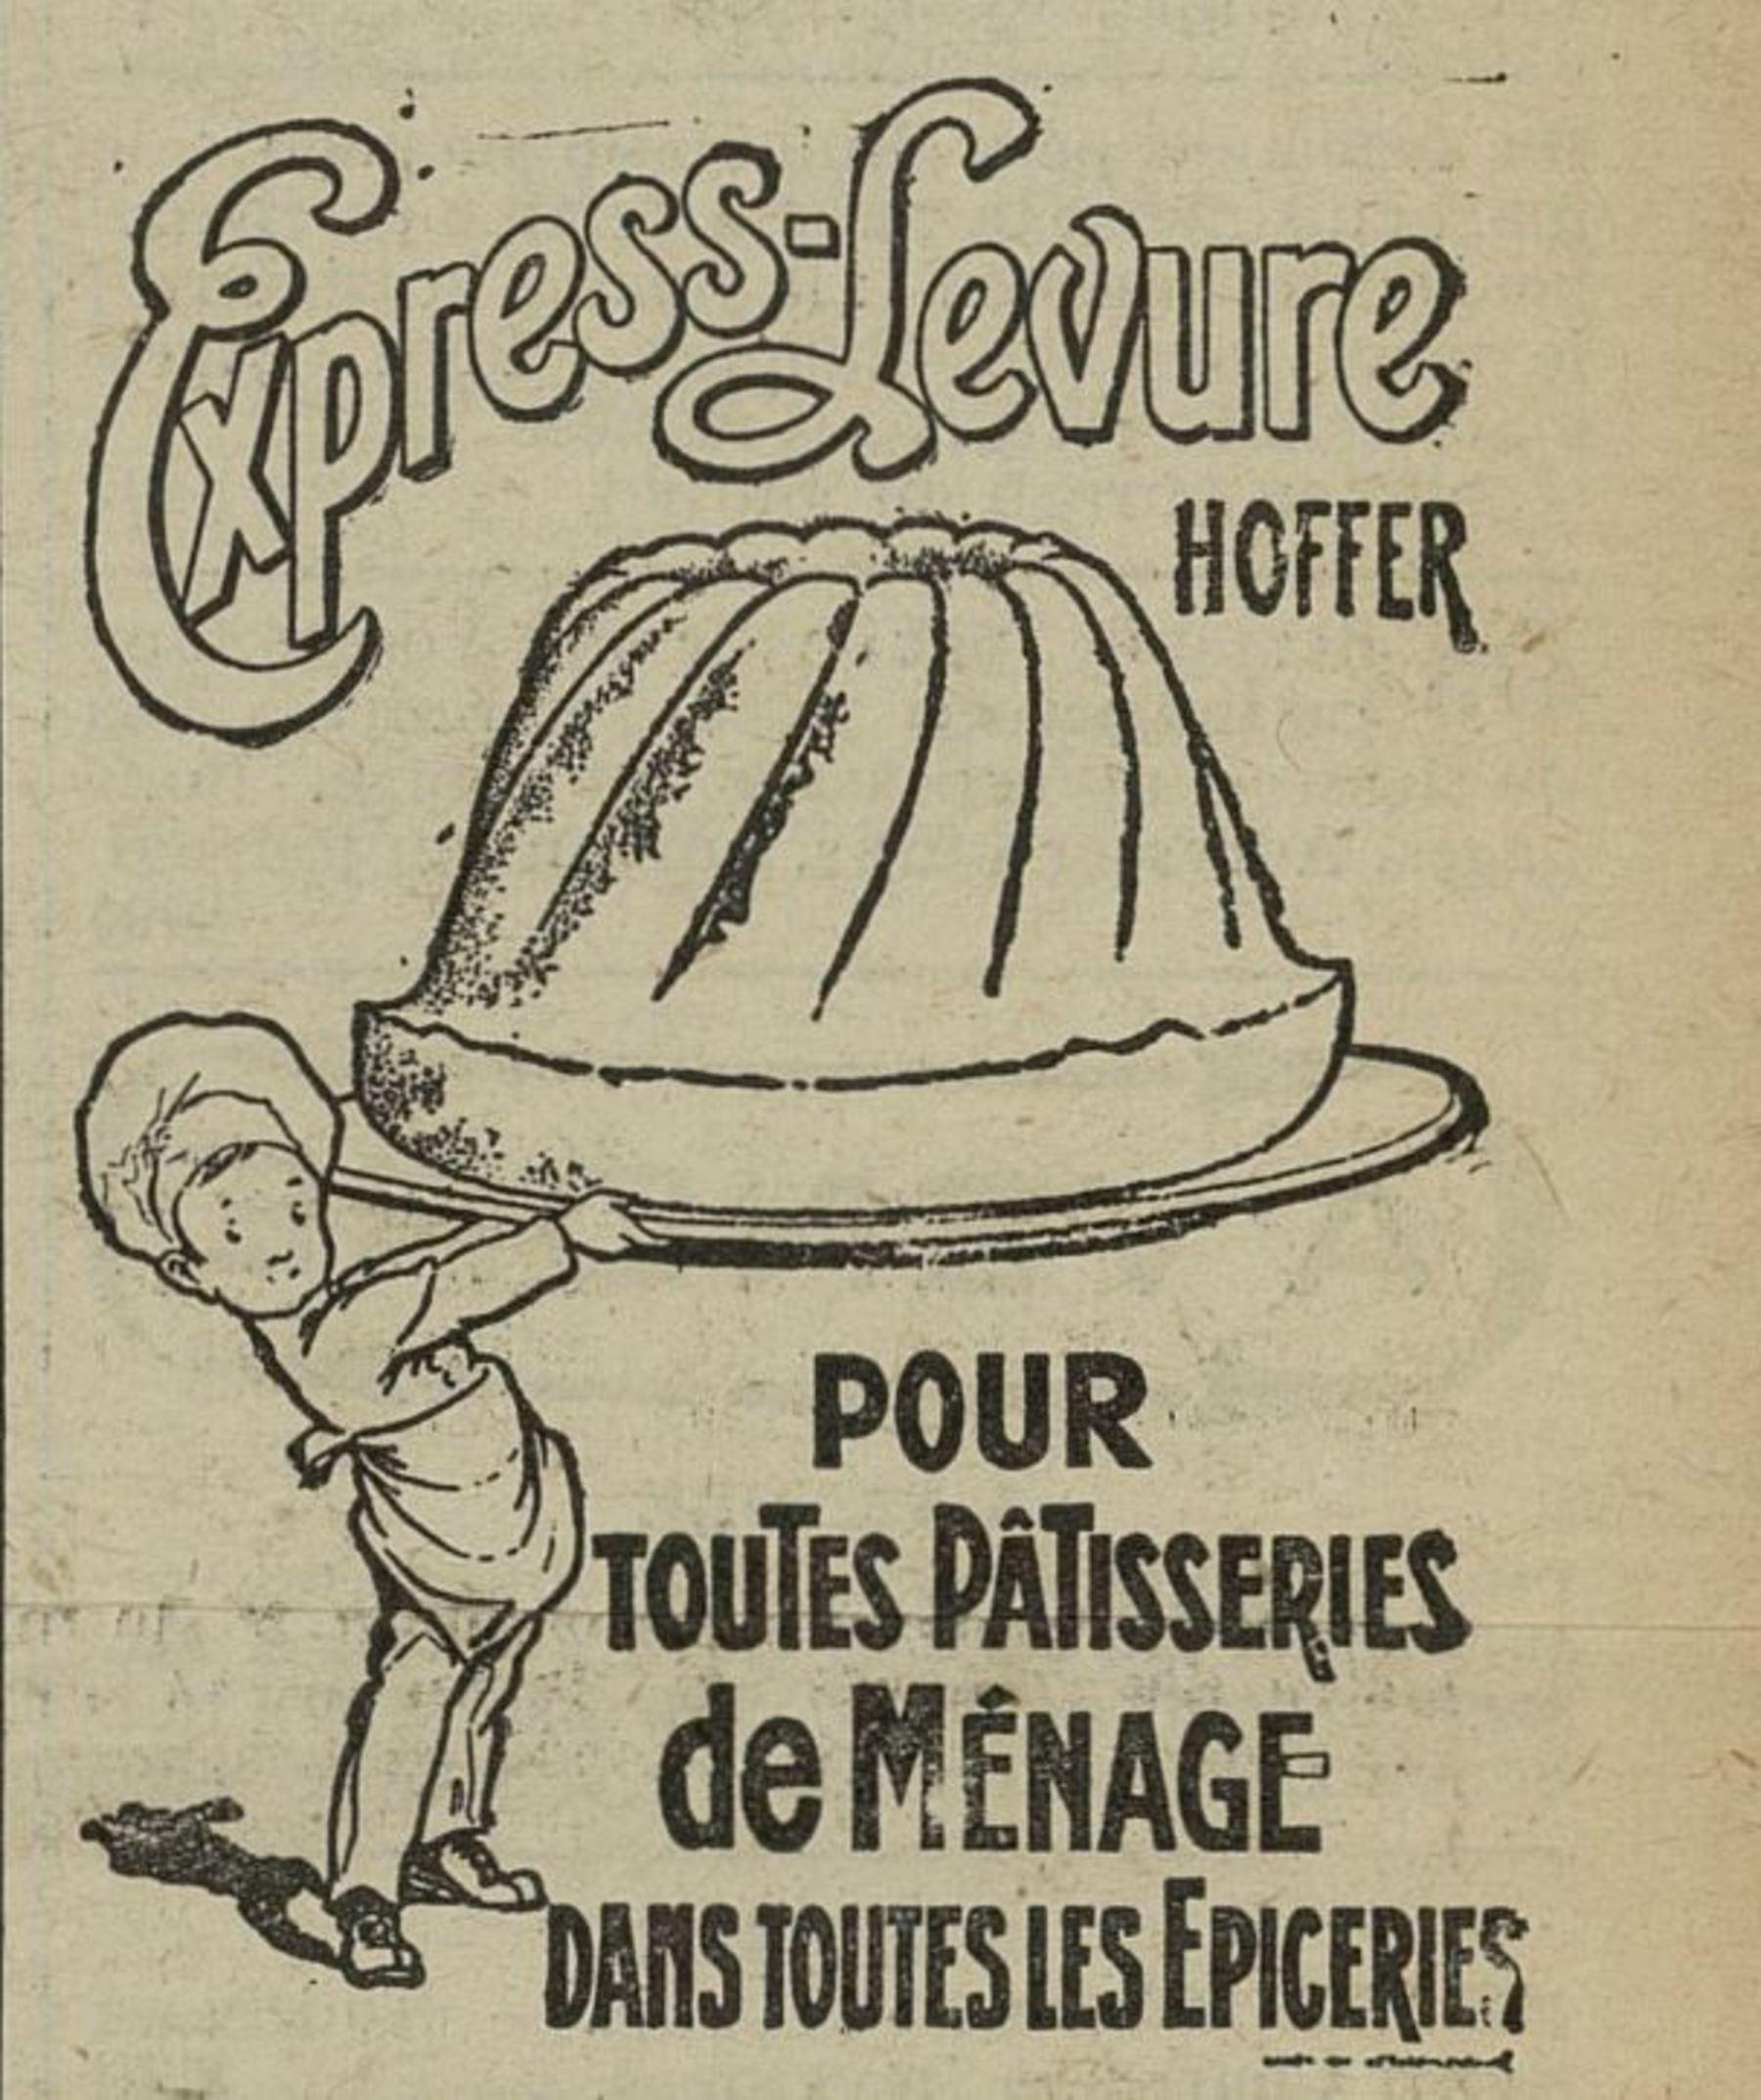 Contenu du Express-Levure Hoffer